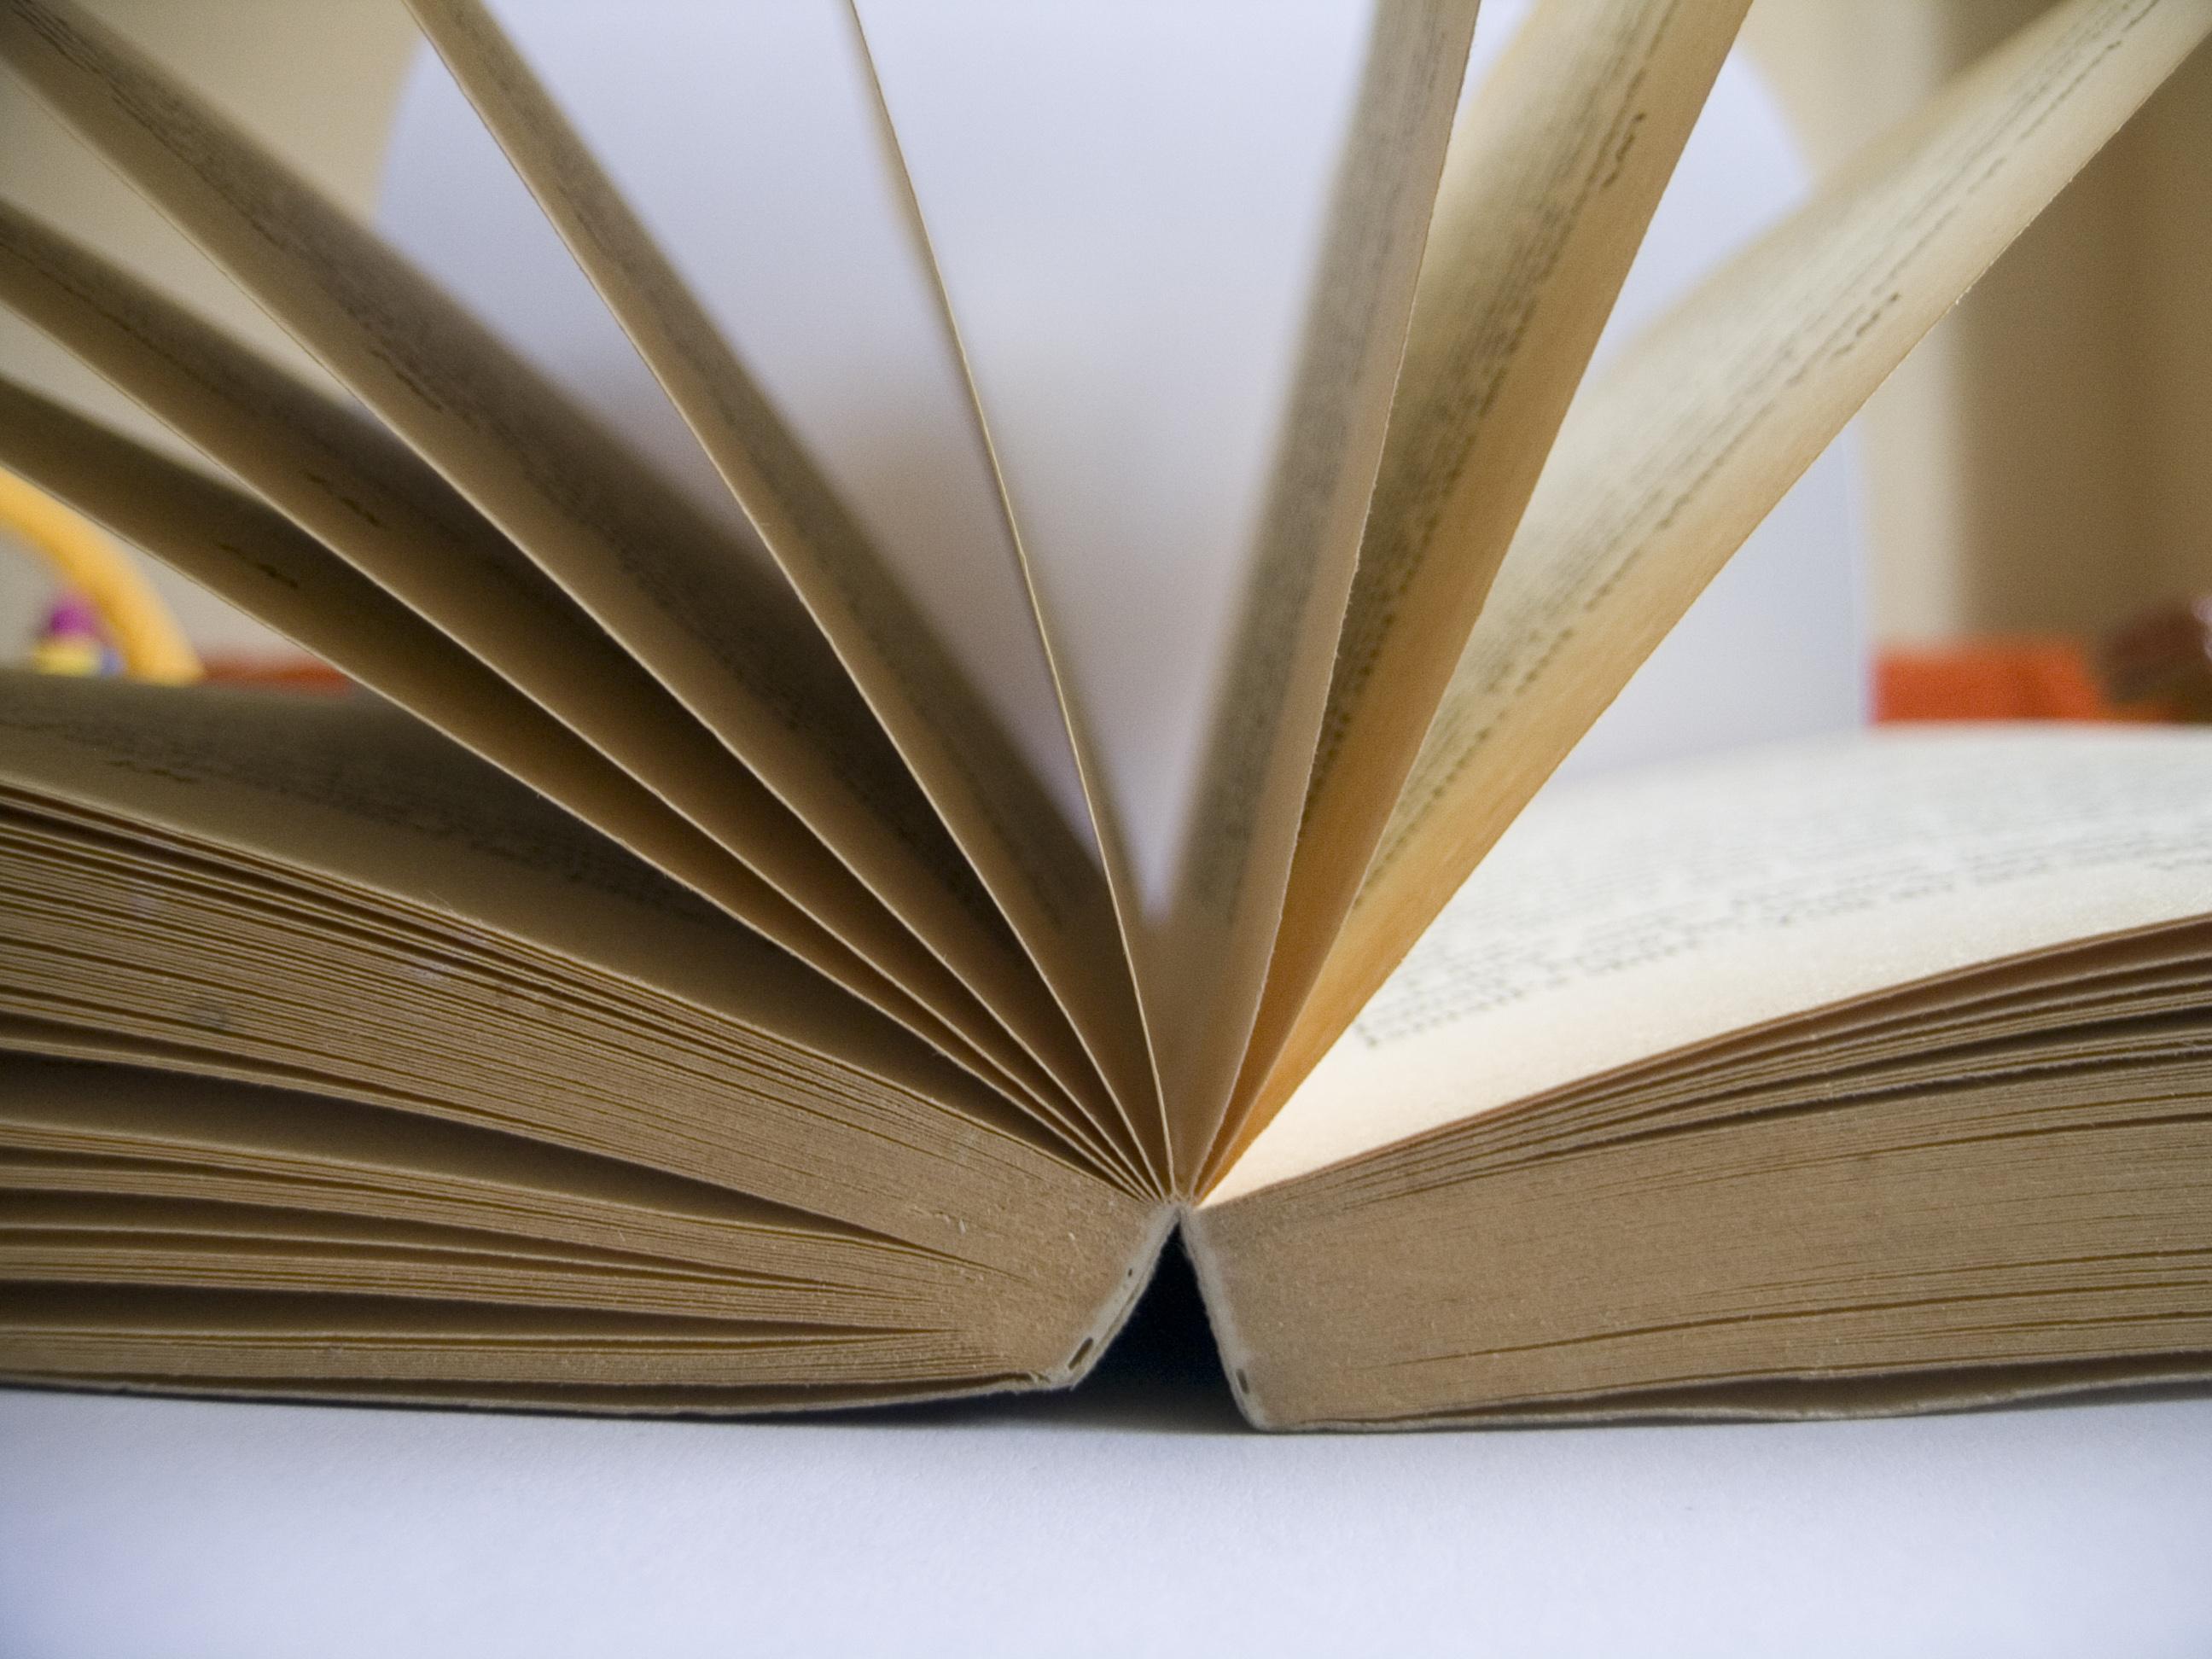 book-2-1426642